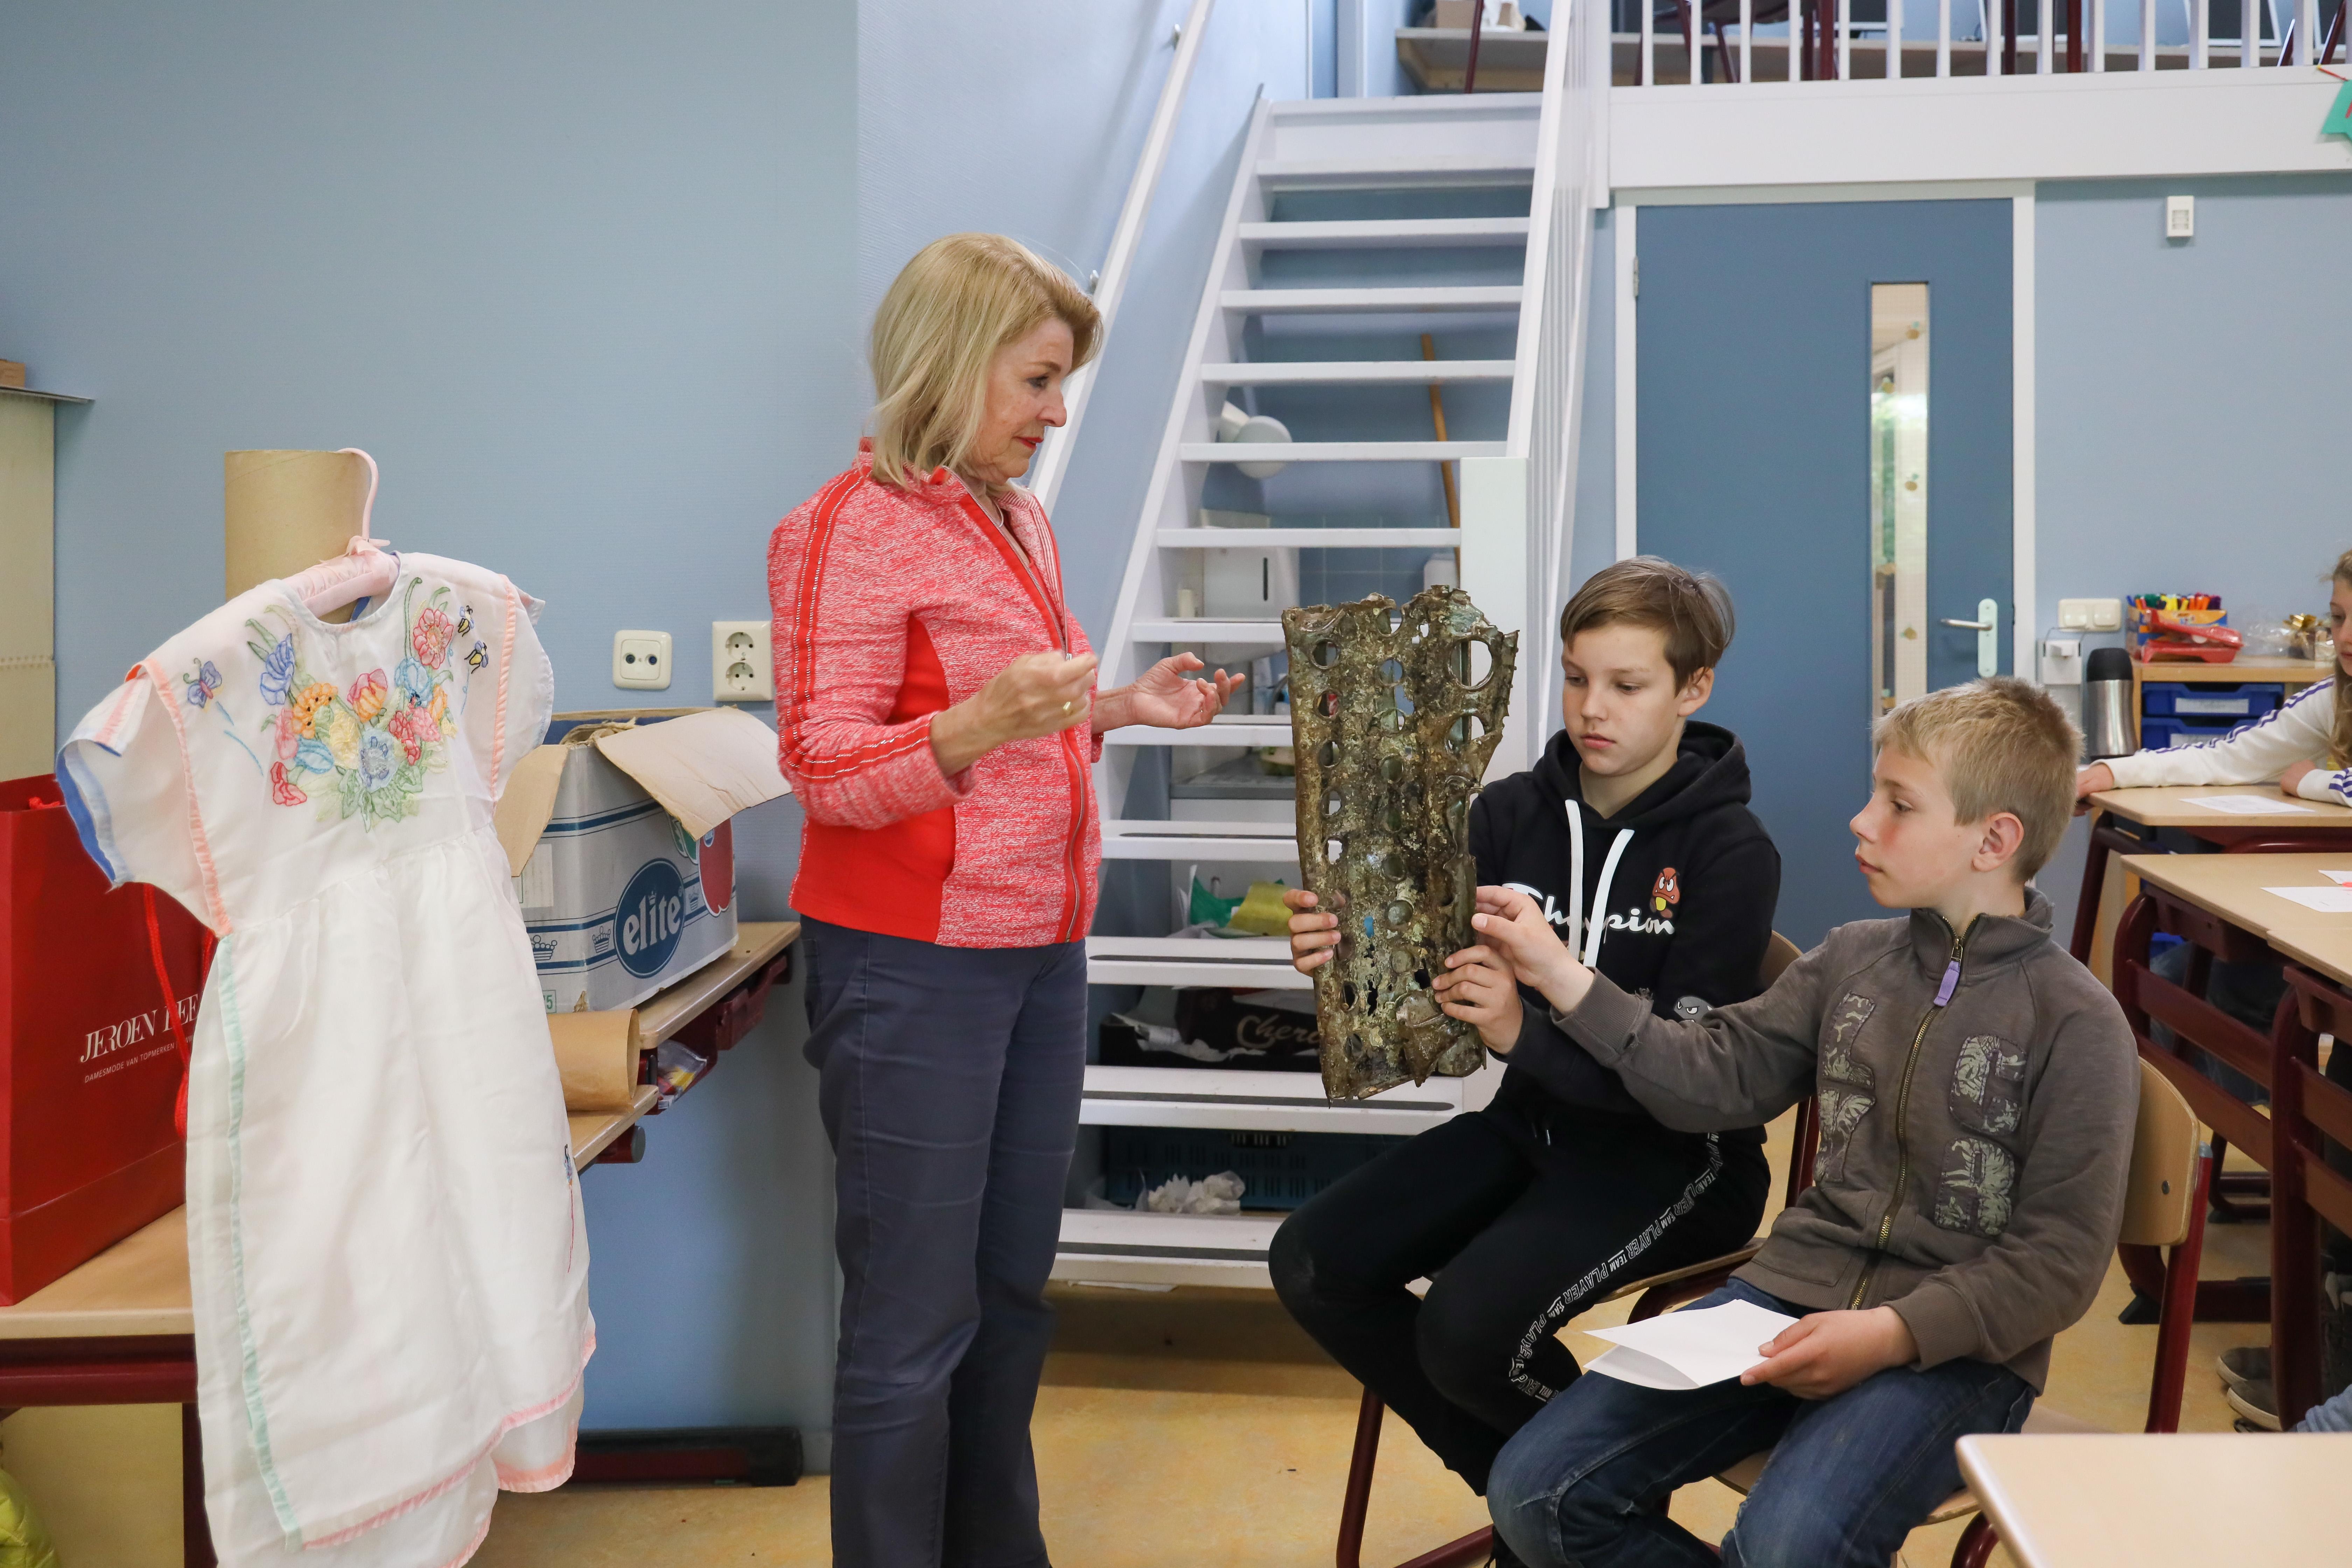 Leerlingen uit Wijdenes vragen honderduit over droppingsvelden: 'Mevrouw, hoe weet u zoveel over de oorlog?